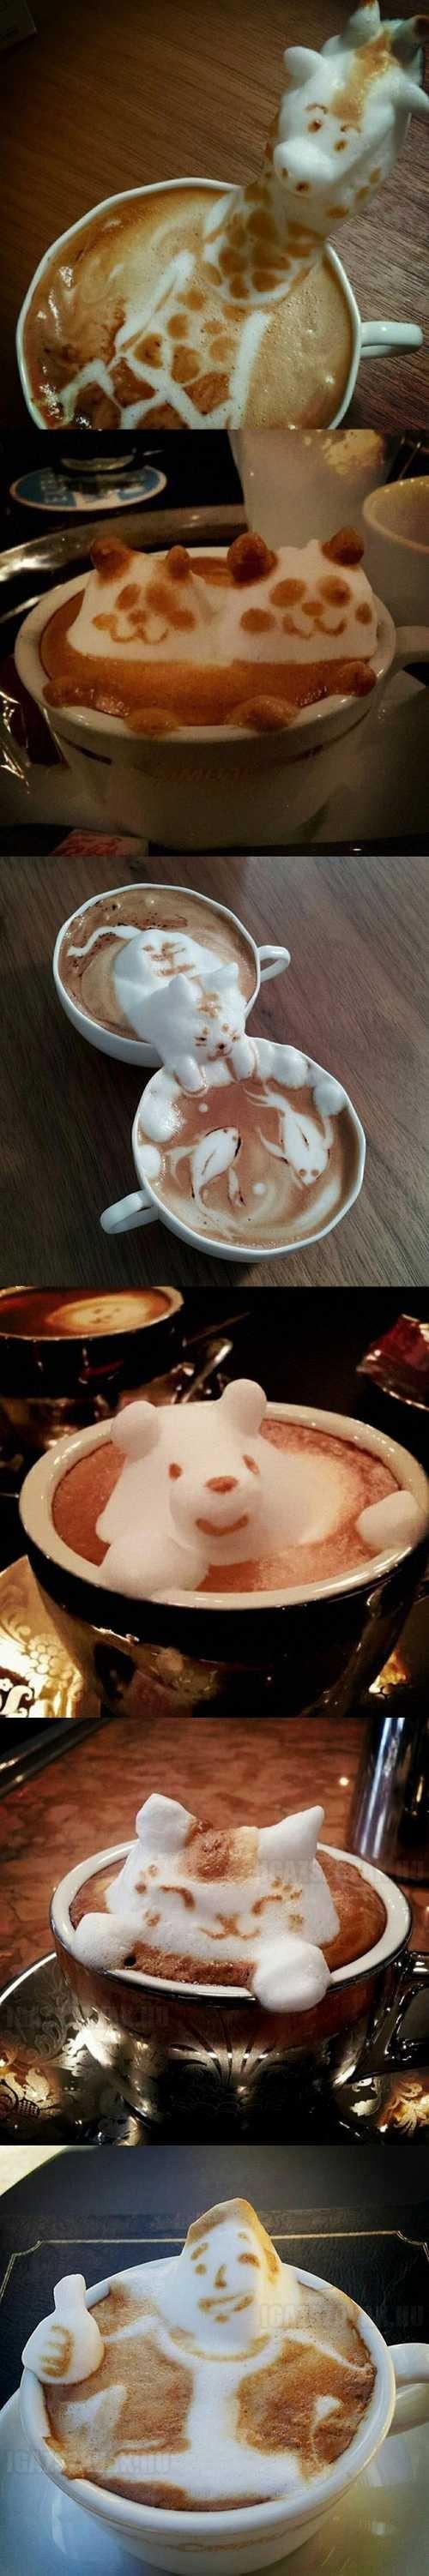 szobrászkodás cappuccino habbal